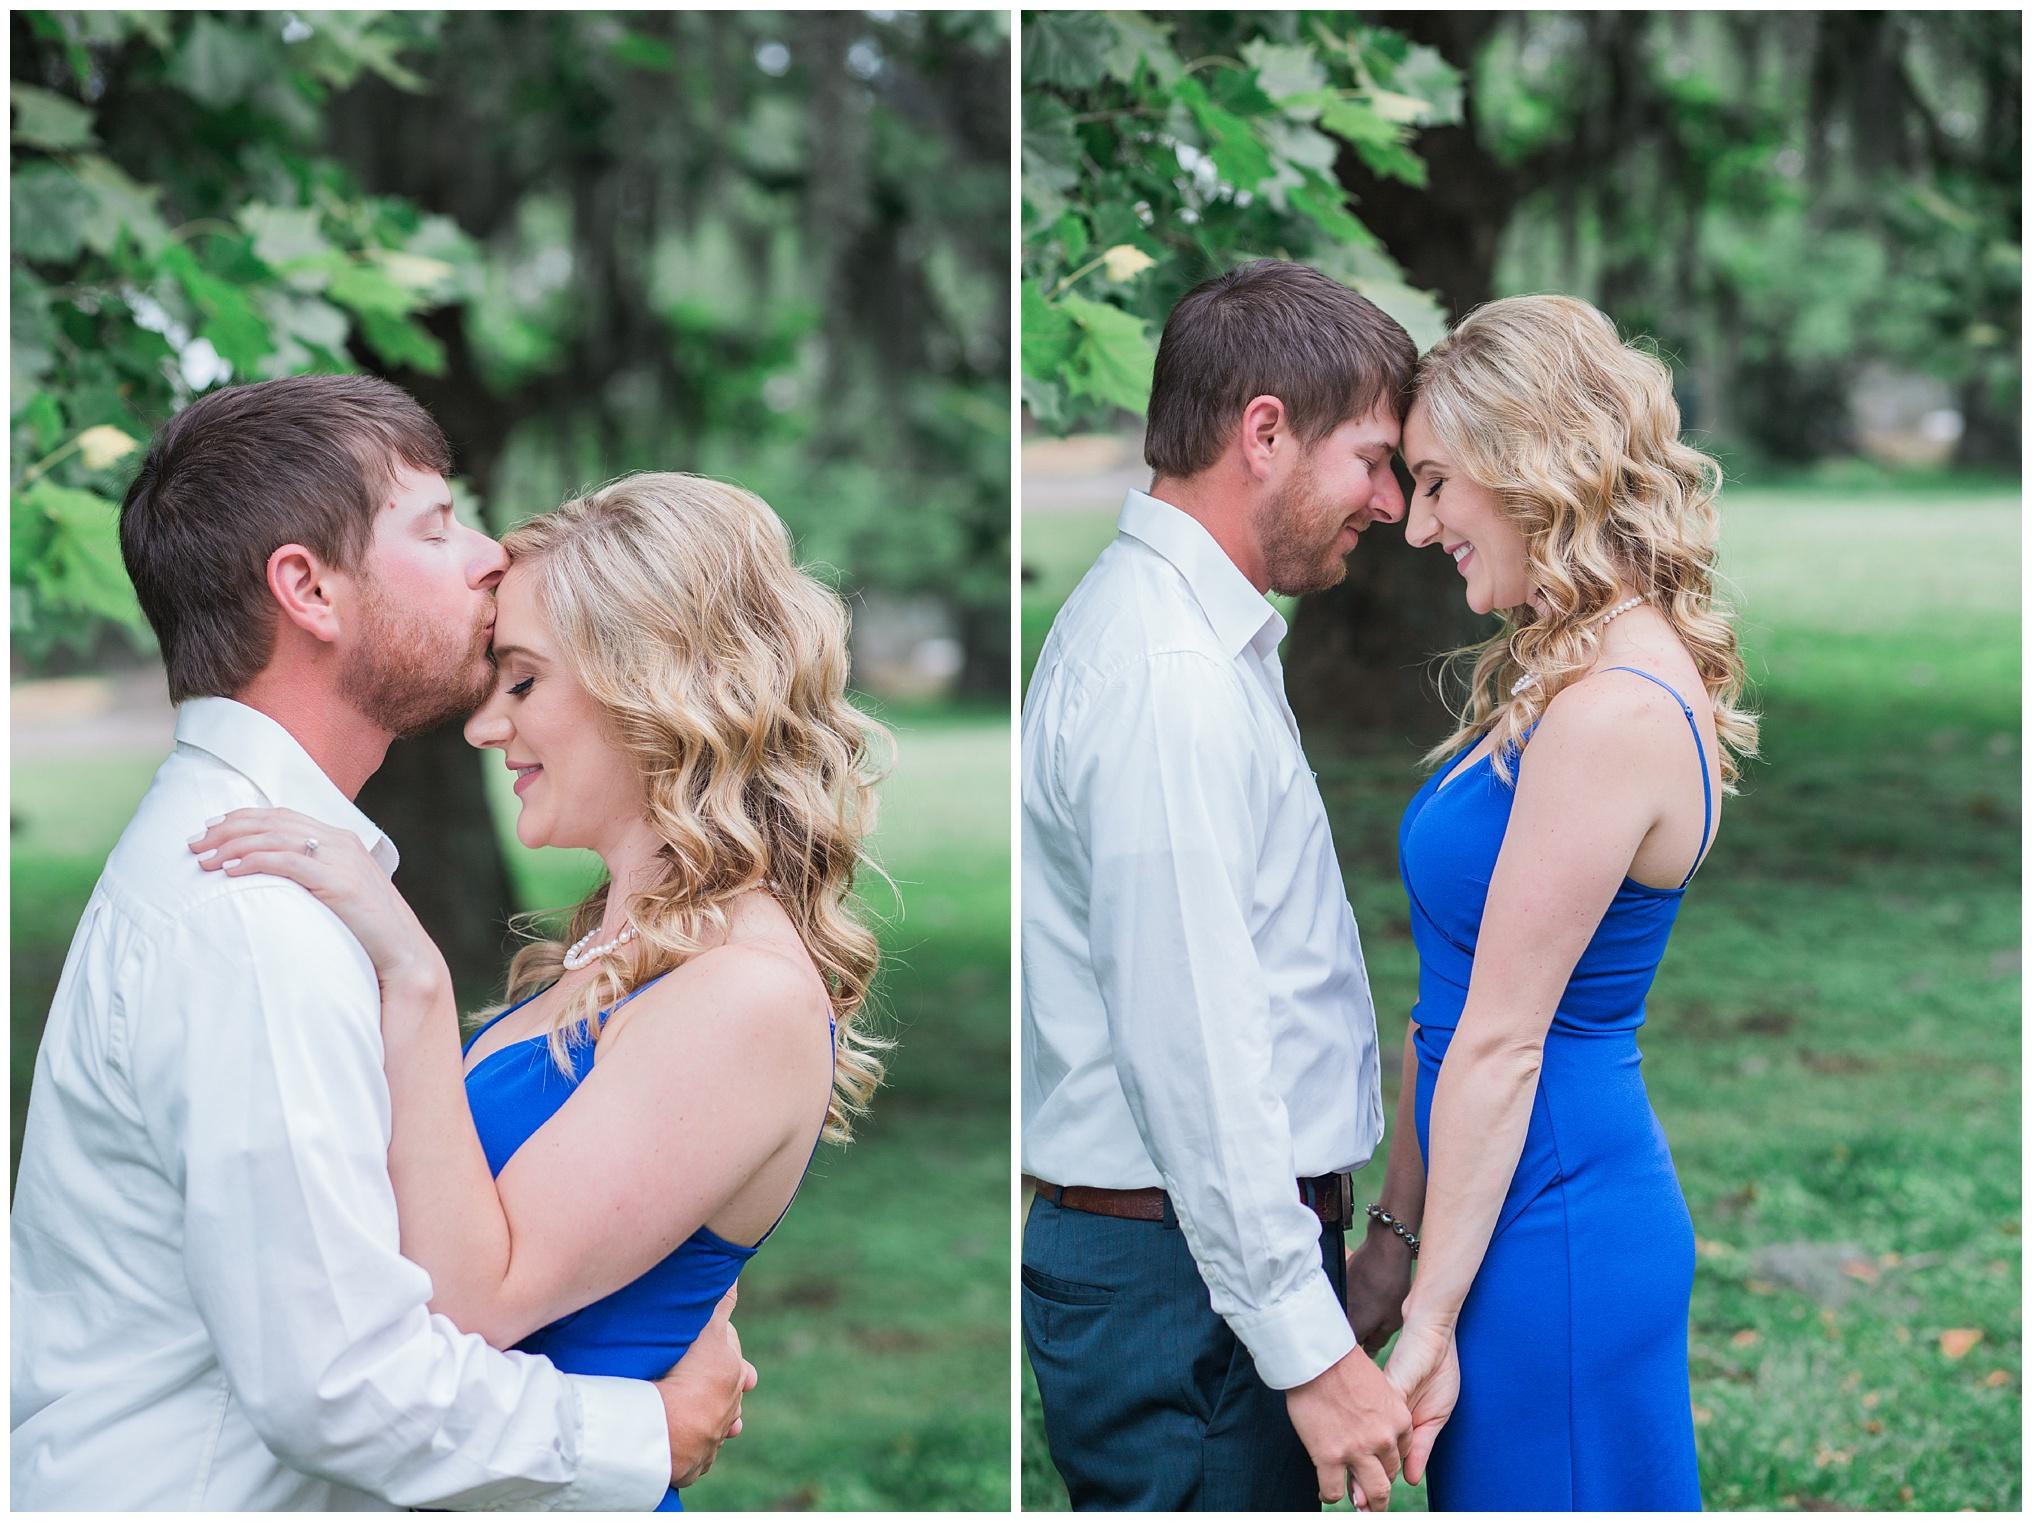 MarissaandGrant_Wedding_0006.jpg